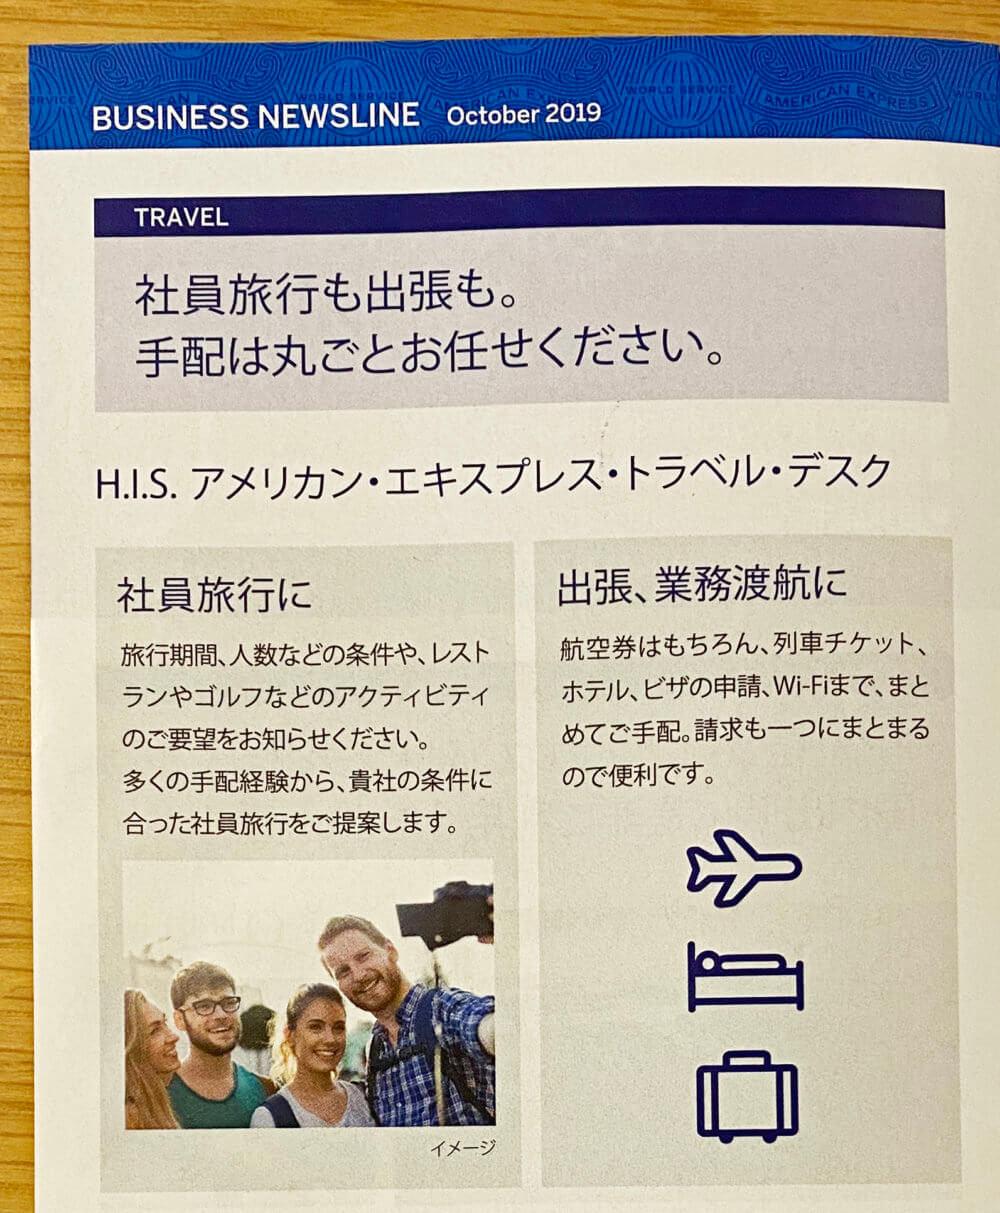 H.I.S.アメリカン・エキスプレス・トラベル・デスク